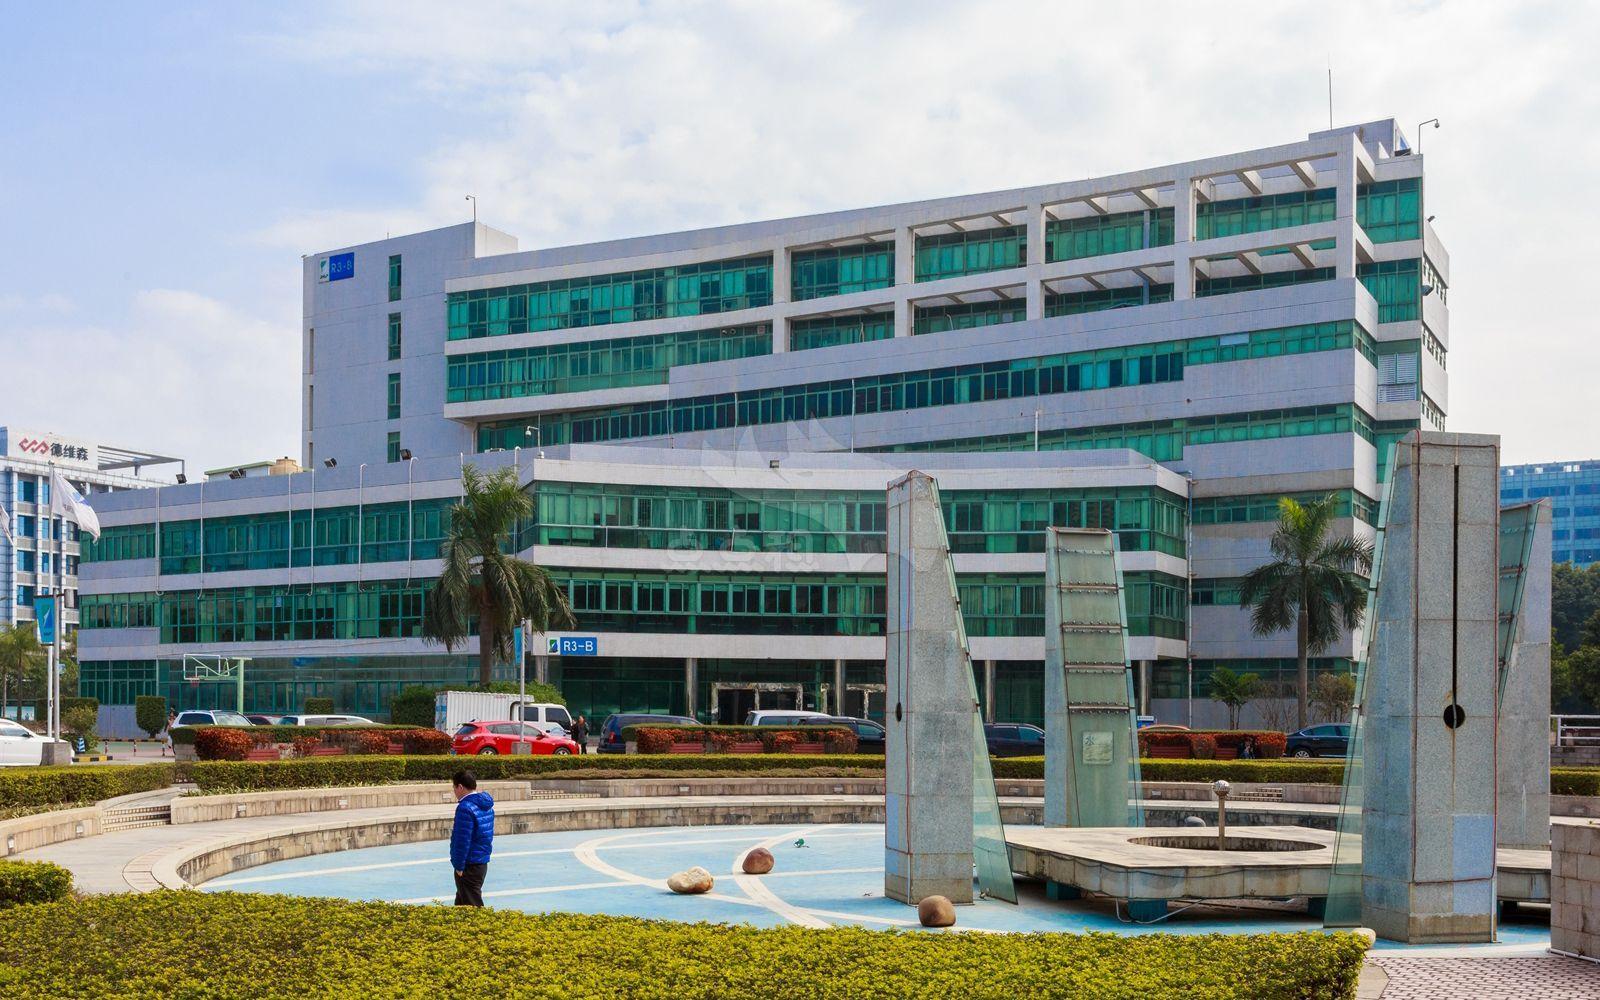 虚拟大学园R3